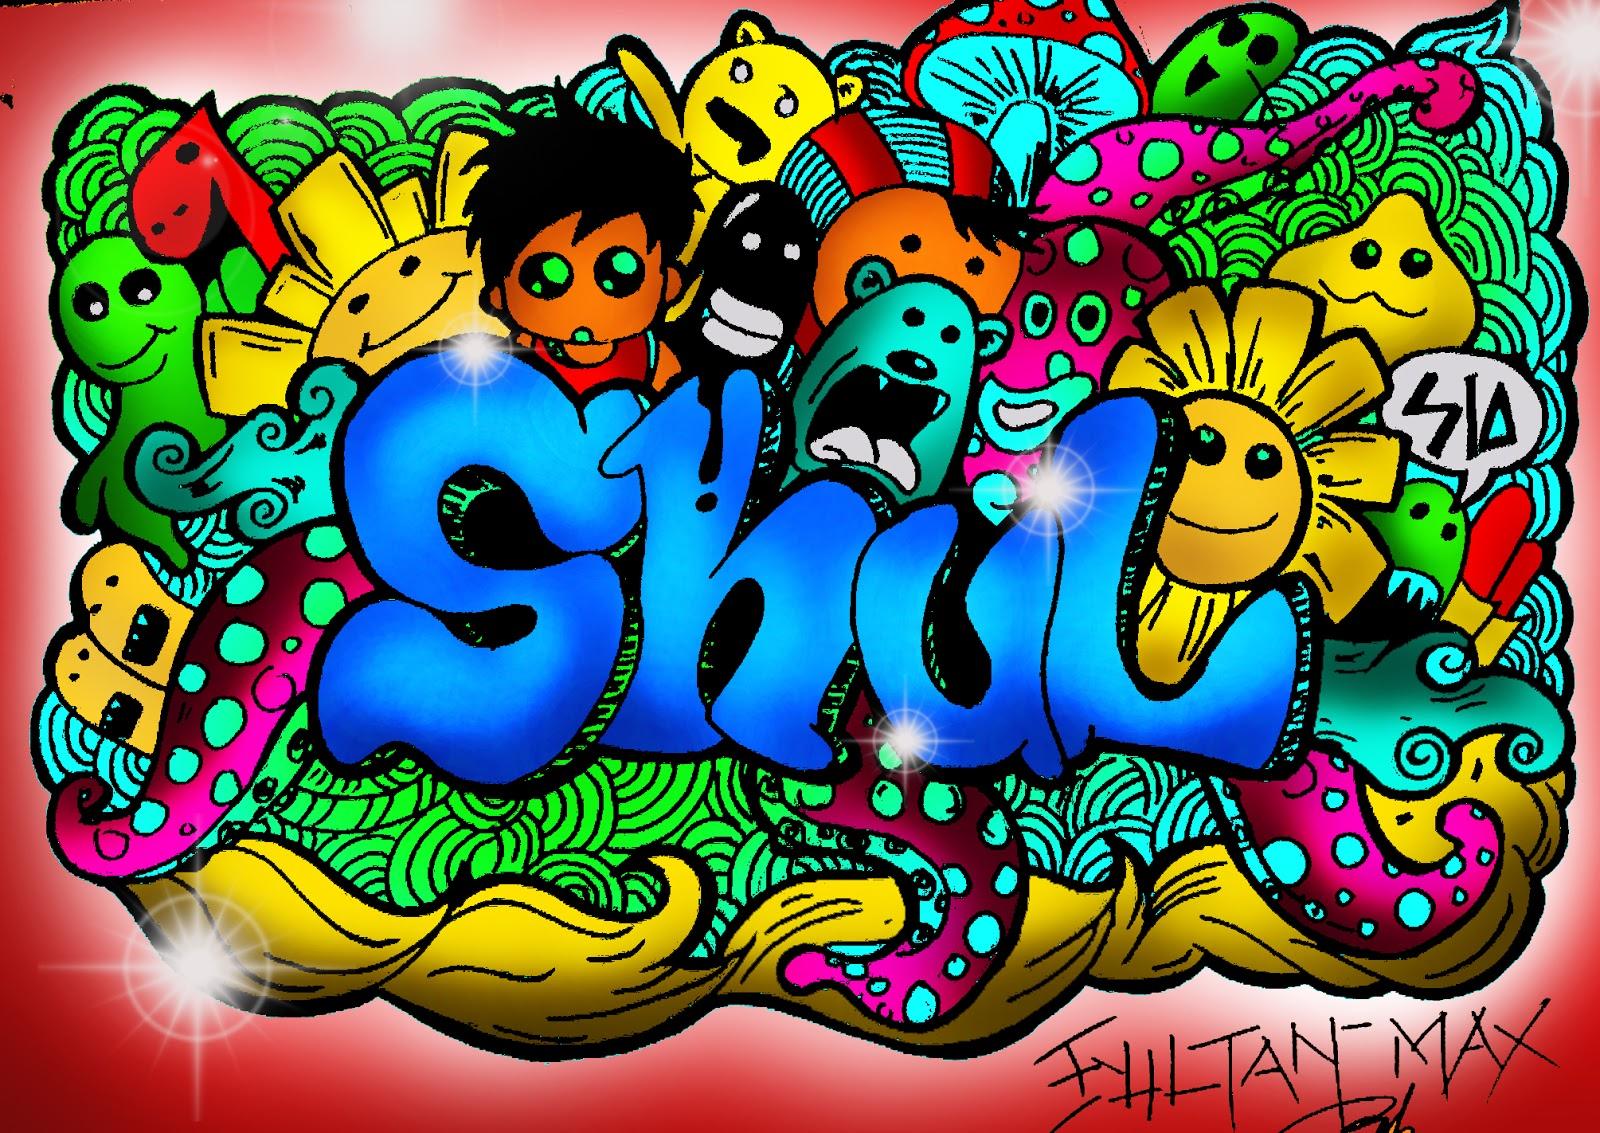 Gambar Sultan Max Blog Visit Doodle Warna Gambar Di Rebanas Rebanas